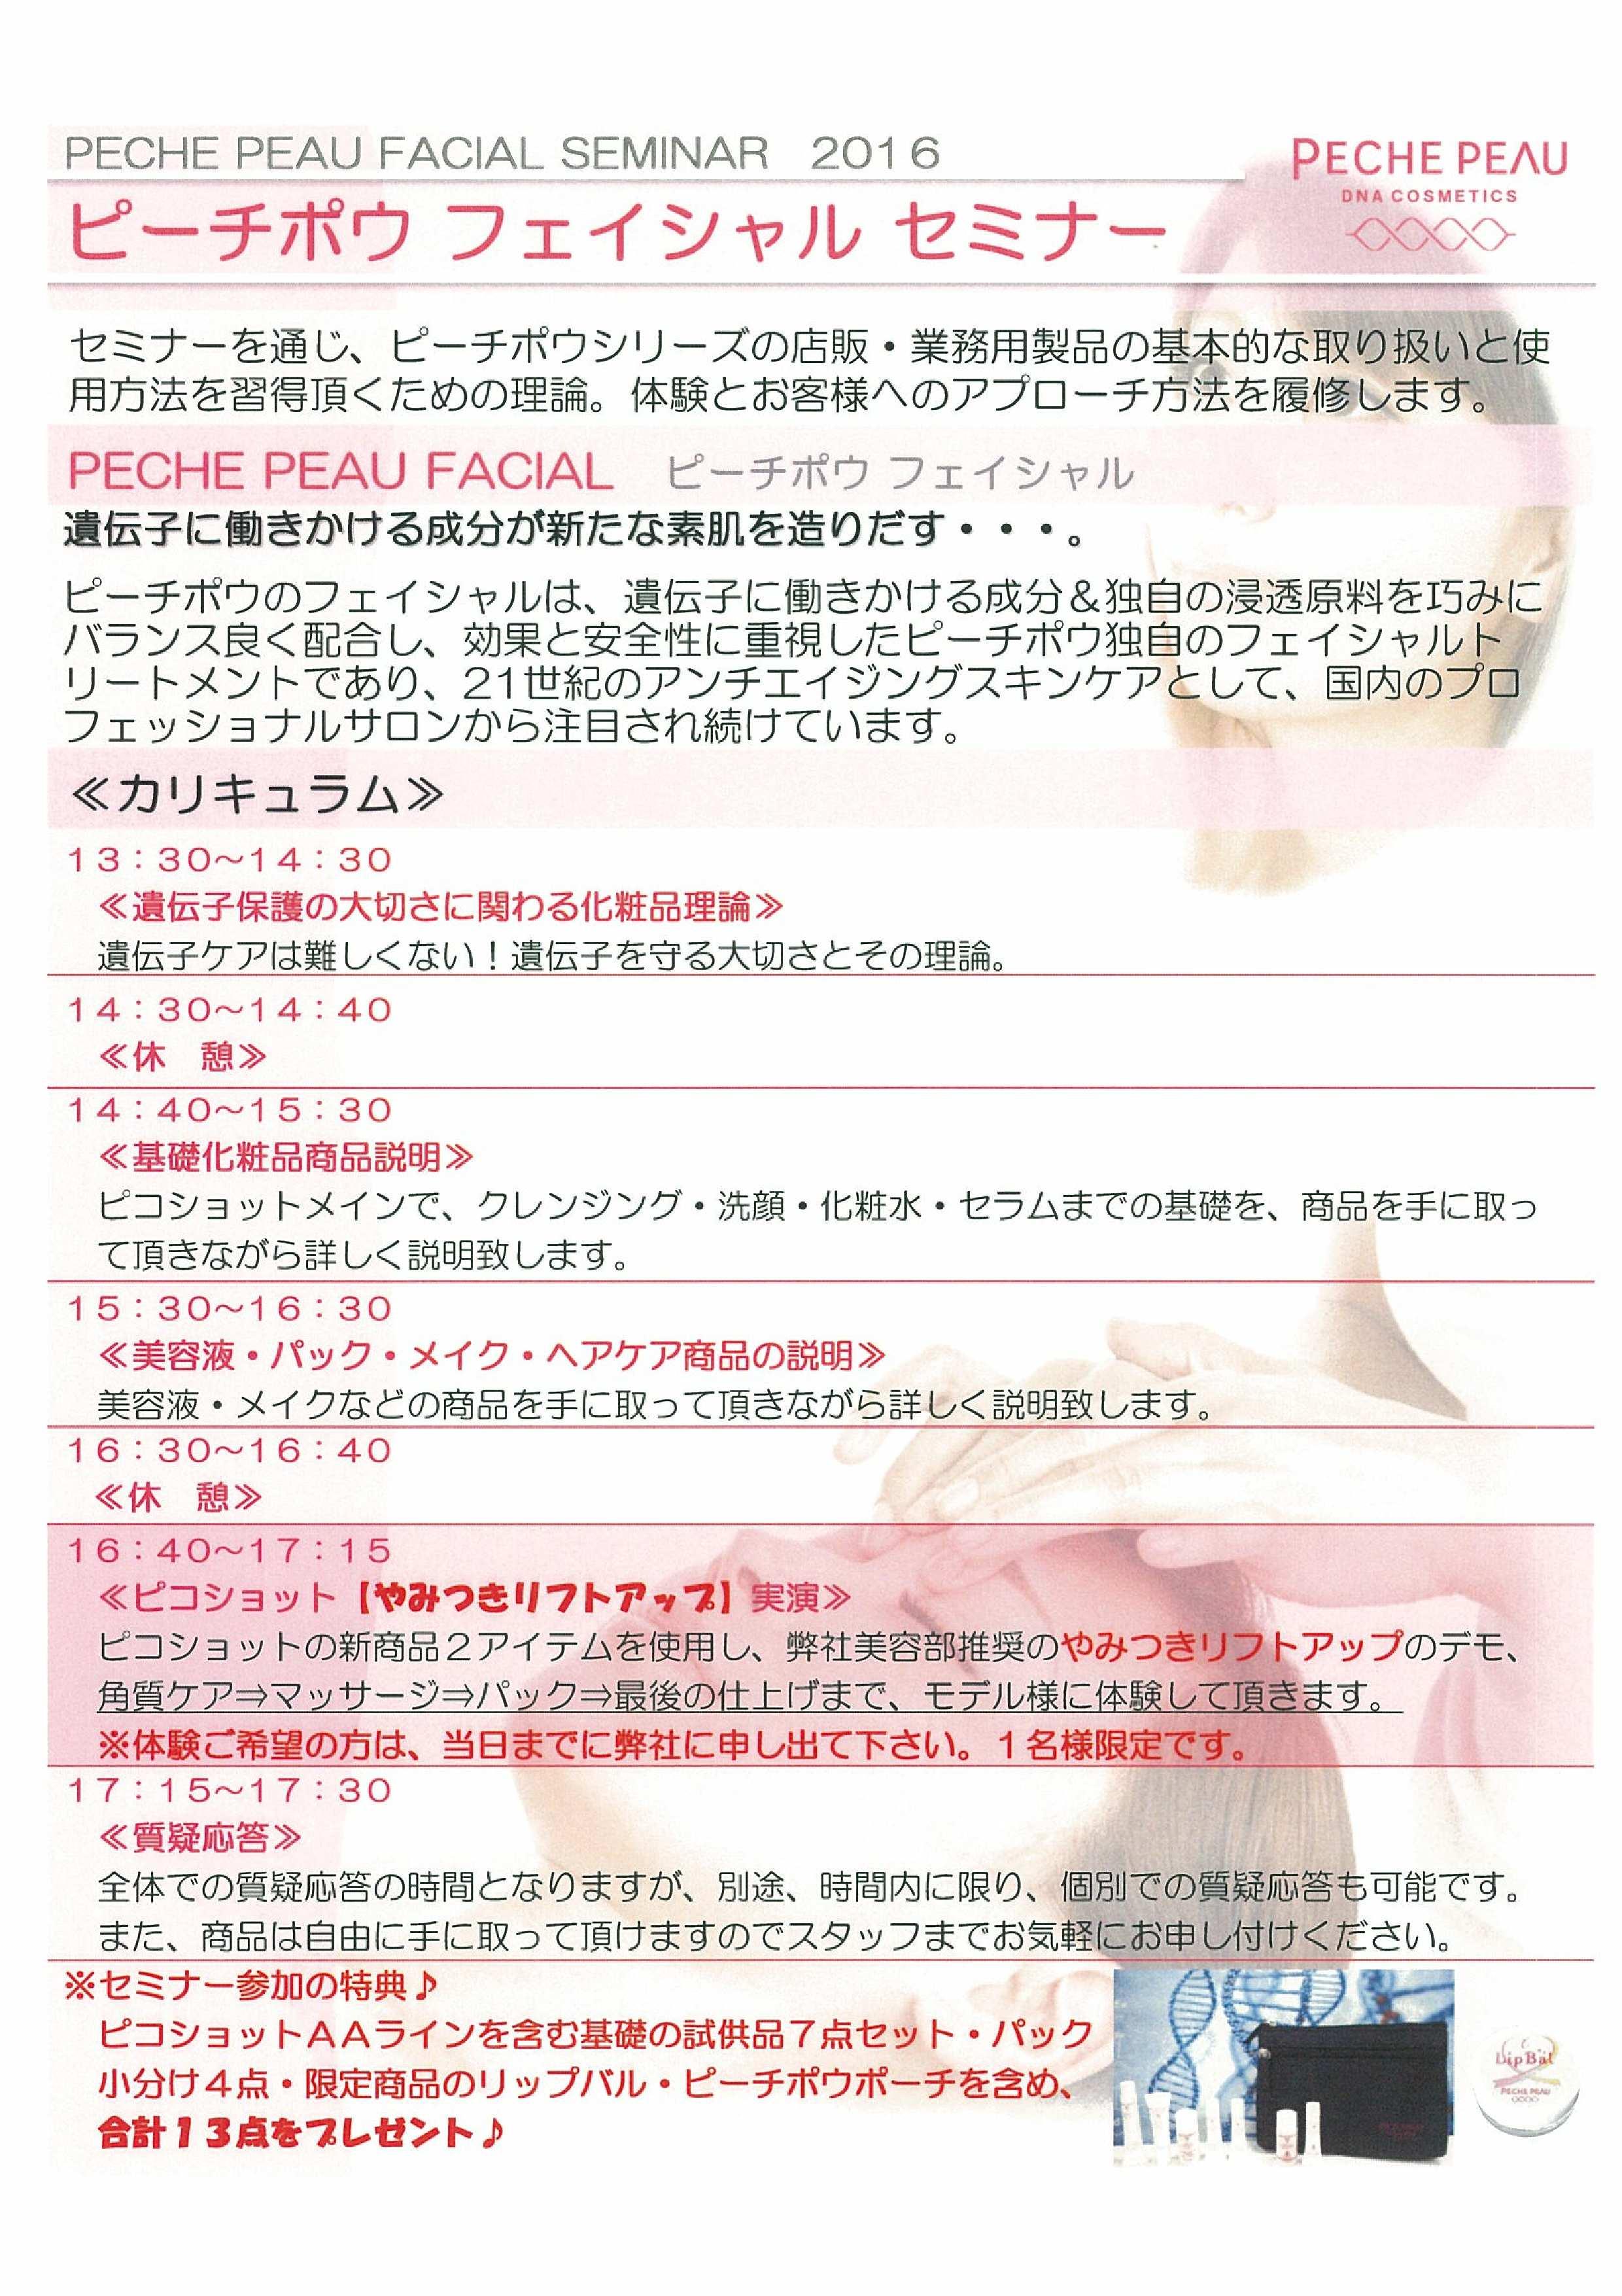 ピーチポウ化粧品セミナー-1